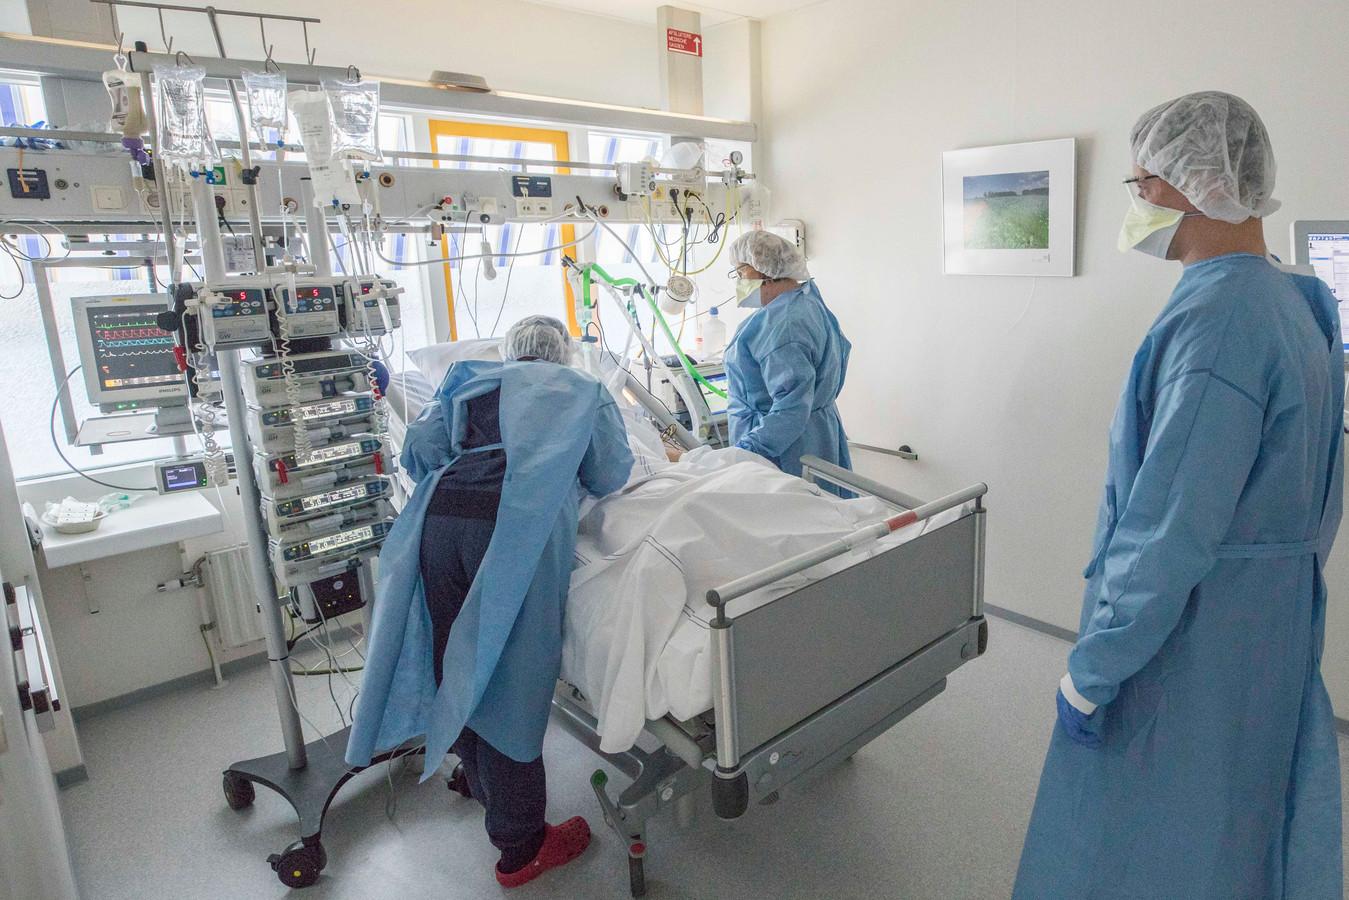 Afdeling intensive care in het Adrz.